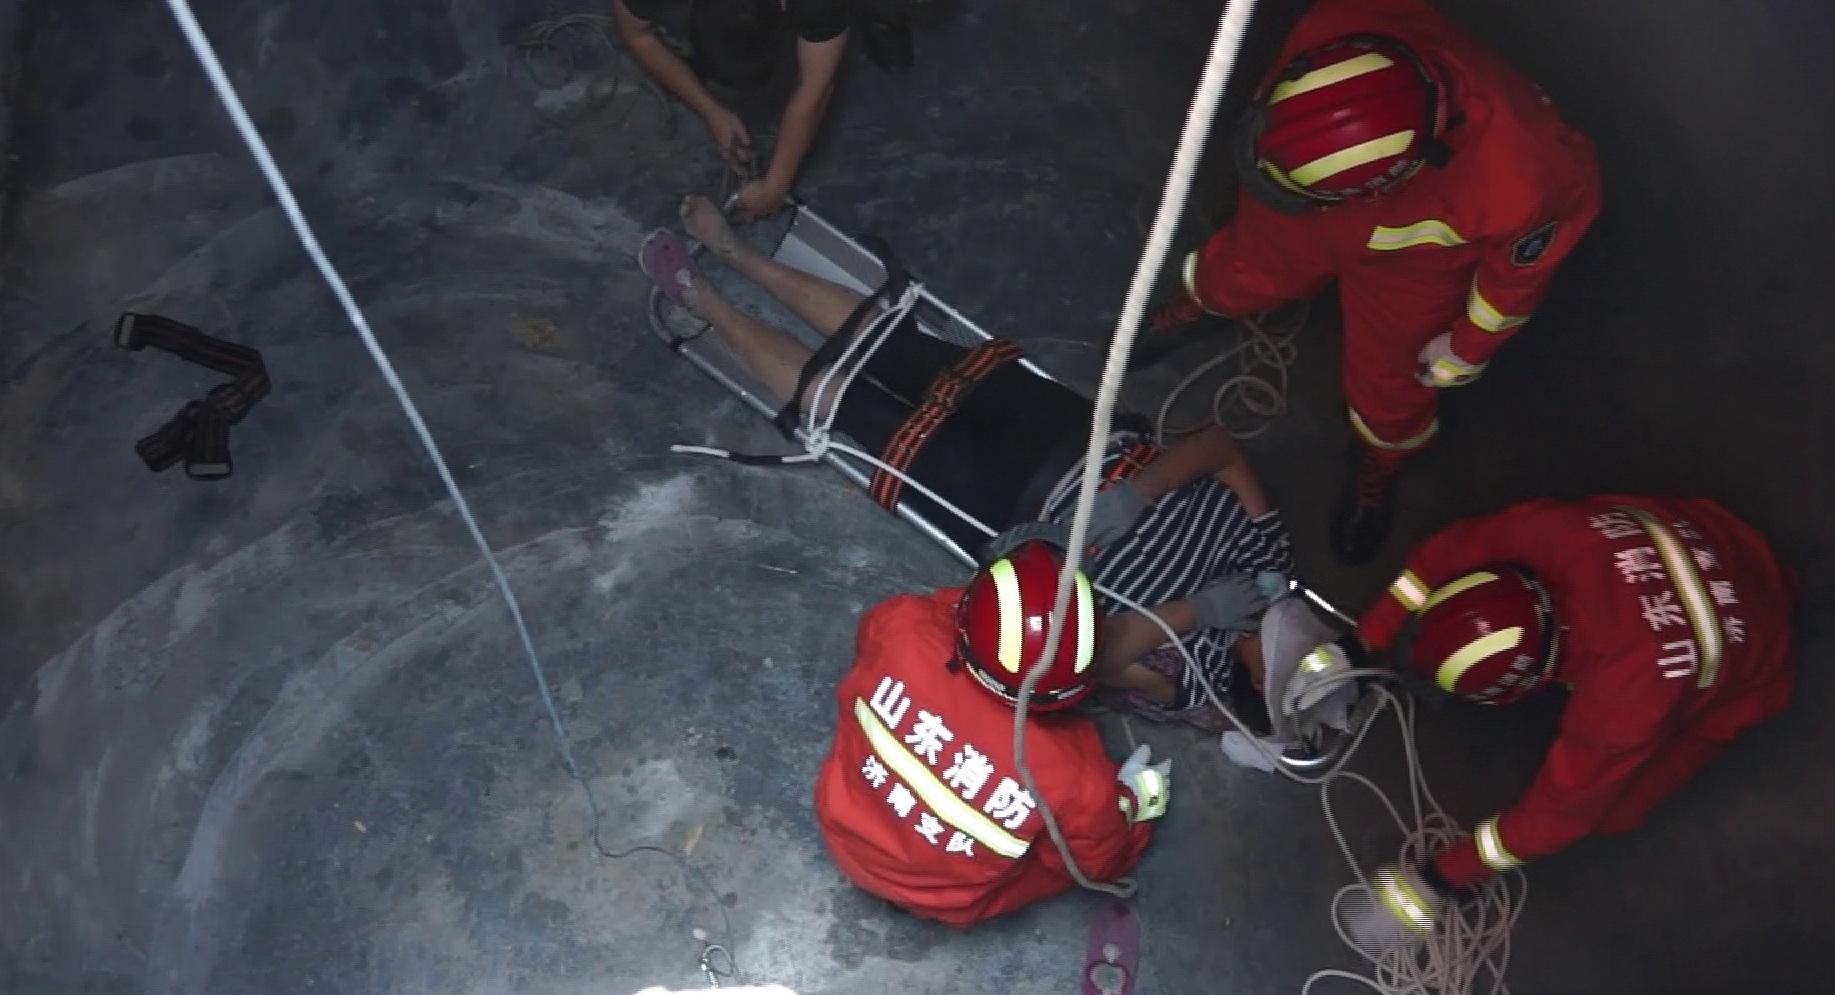 80秒丨女子运料不慎坠入四米井坑 消防兵分两路急救援